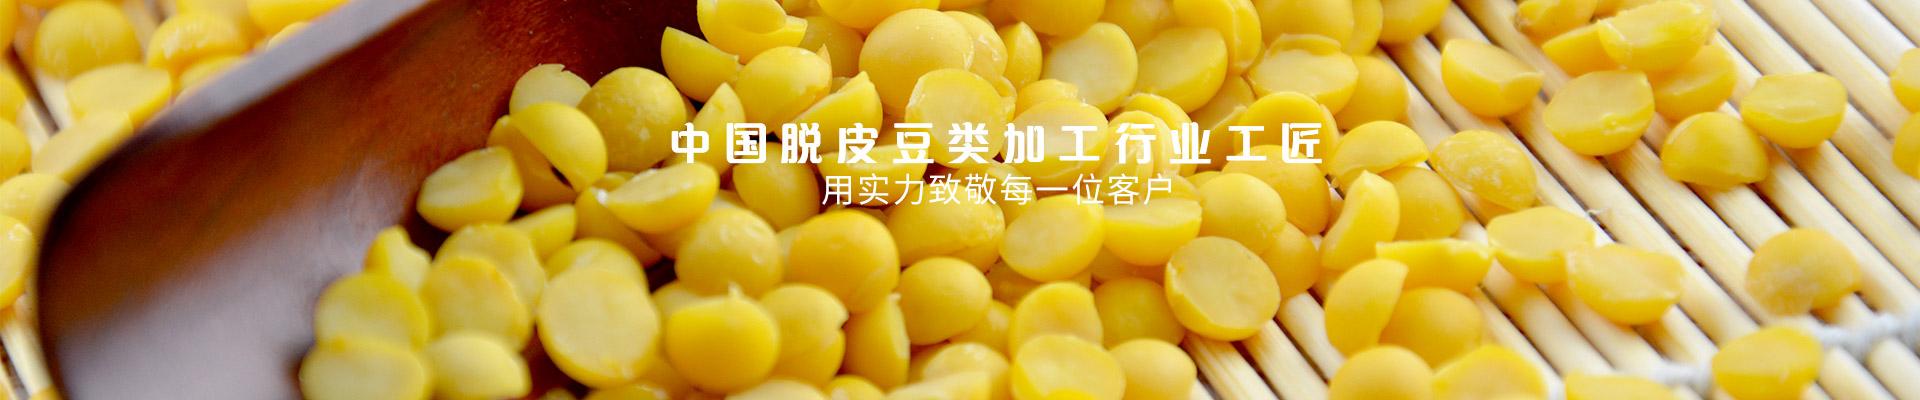 金威玛 中国脱皮豆类加工行业工匠